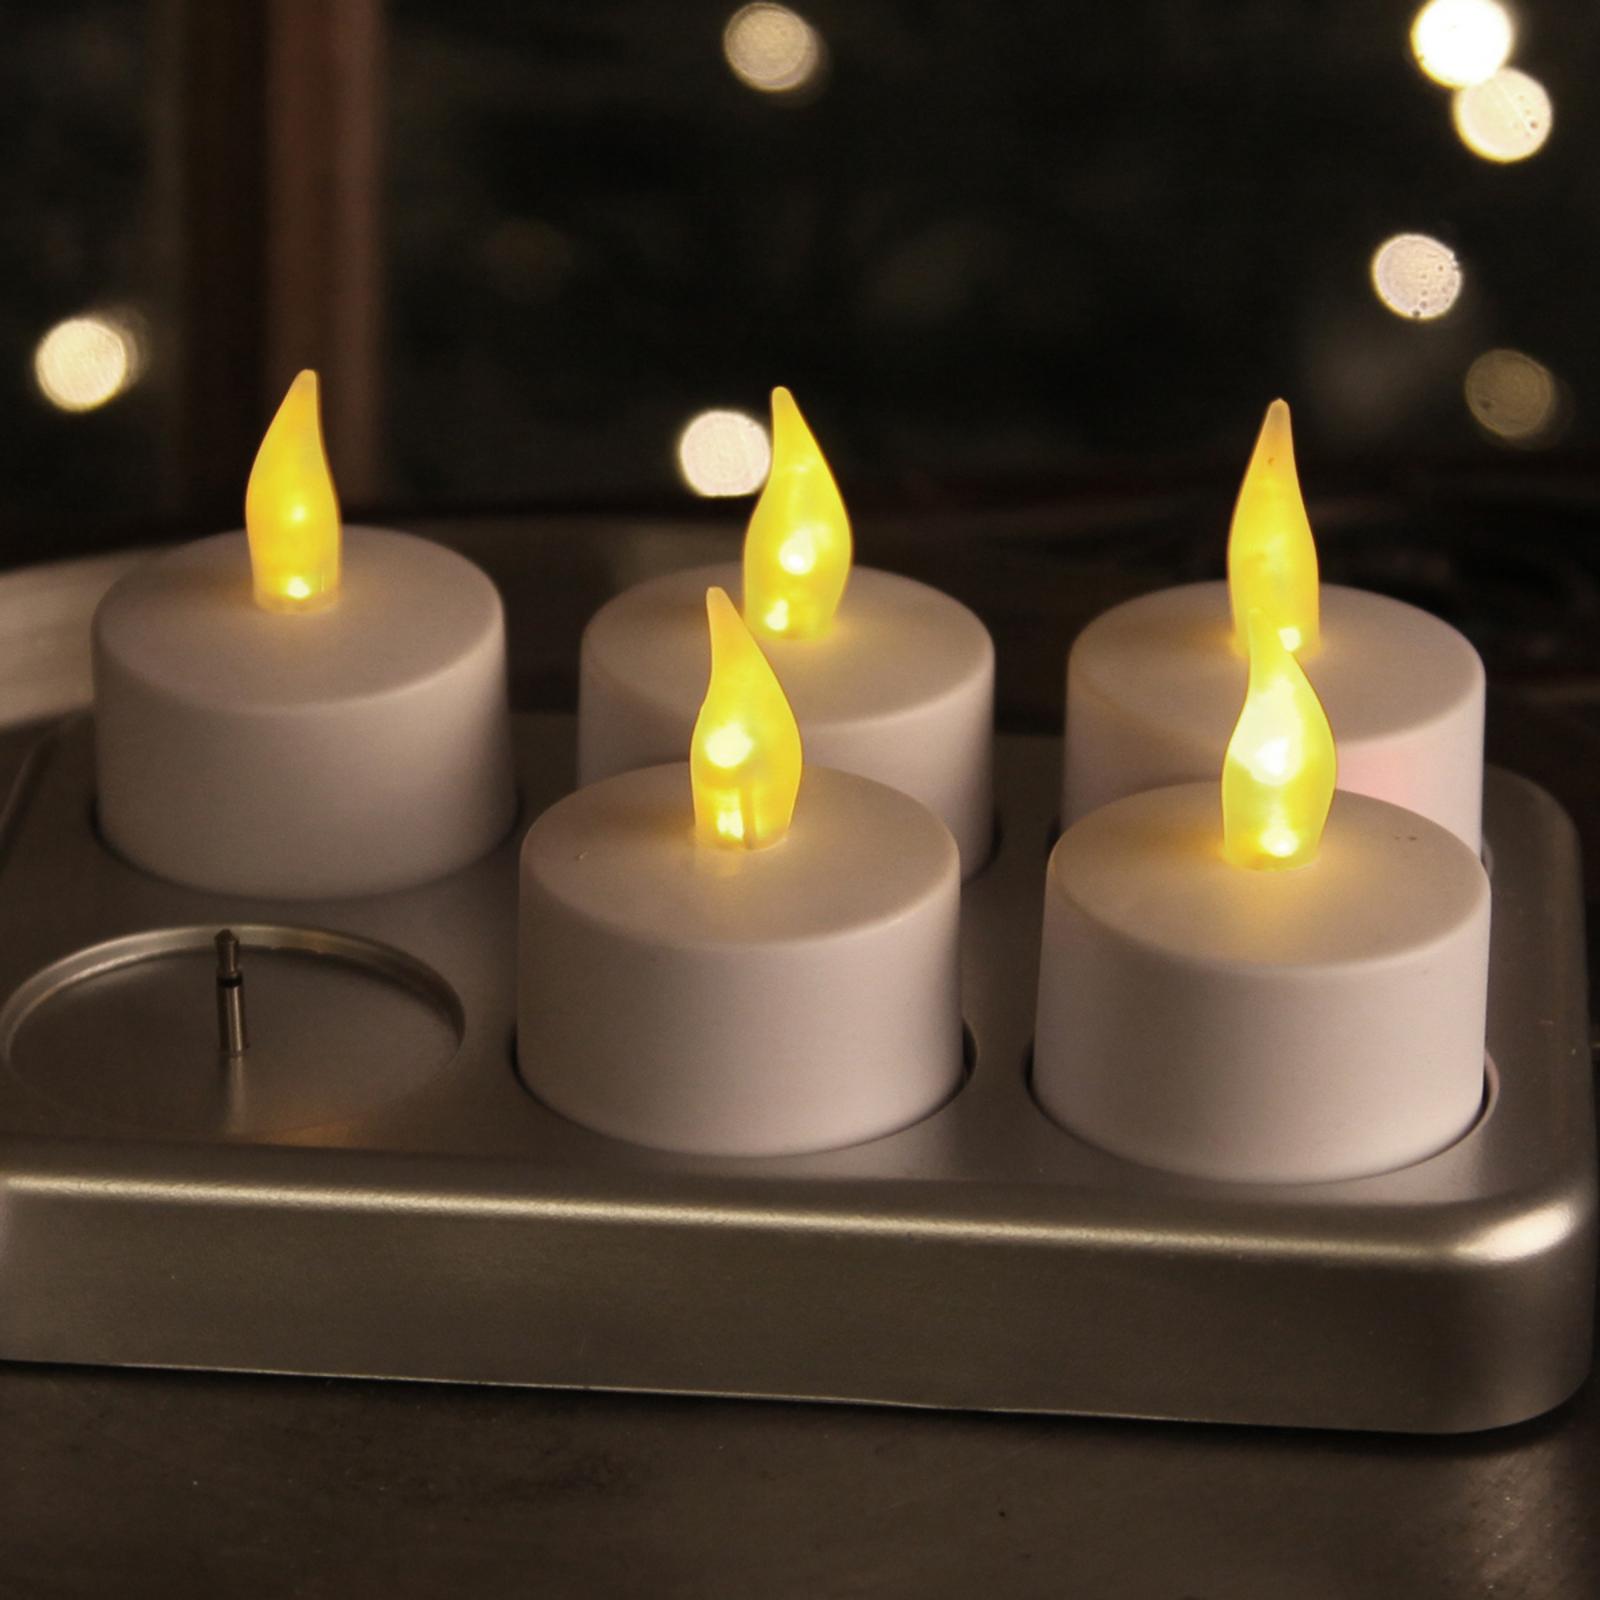 Wiederaufladbares Teelicht T-Light LED 6er-Set